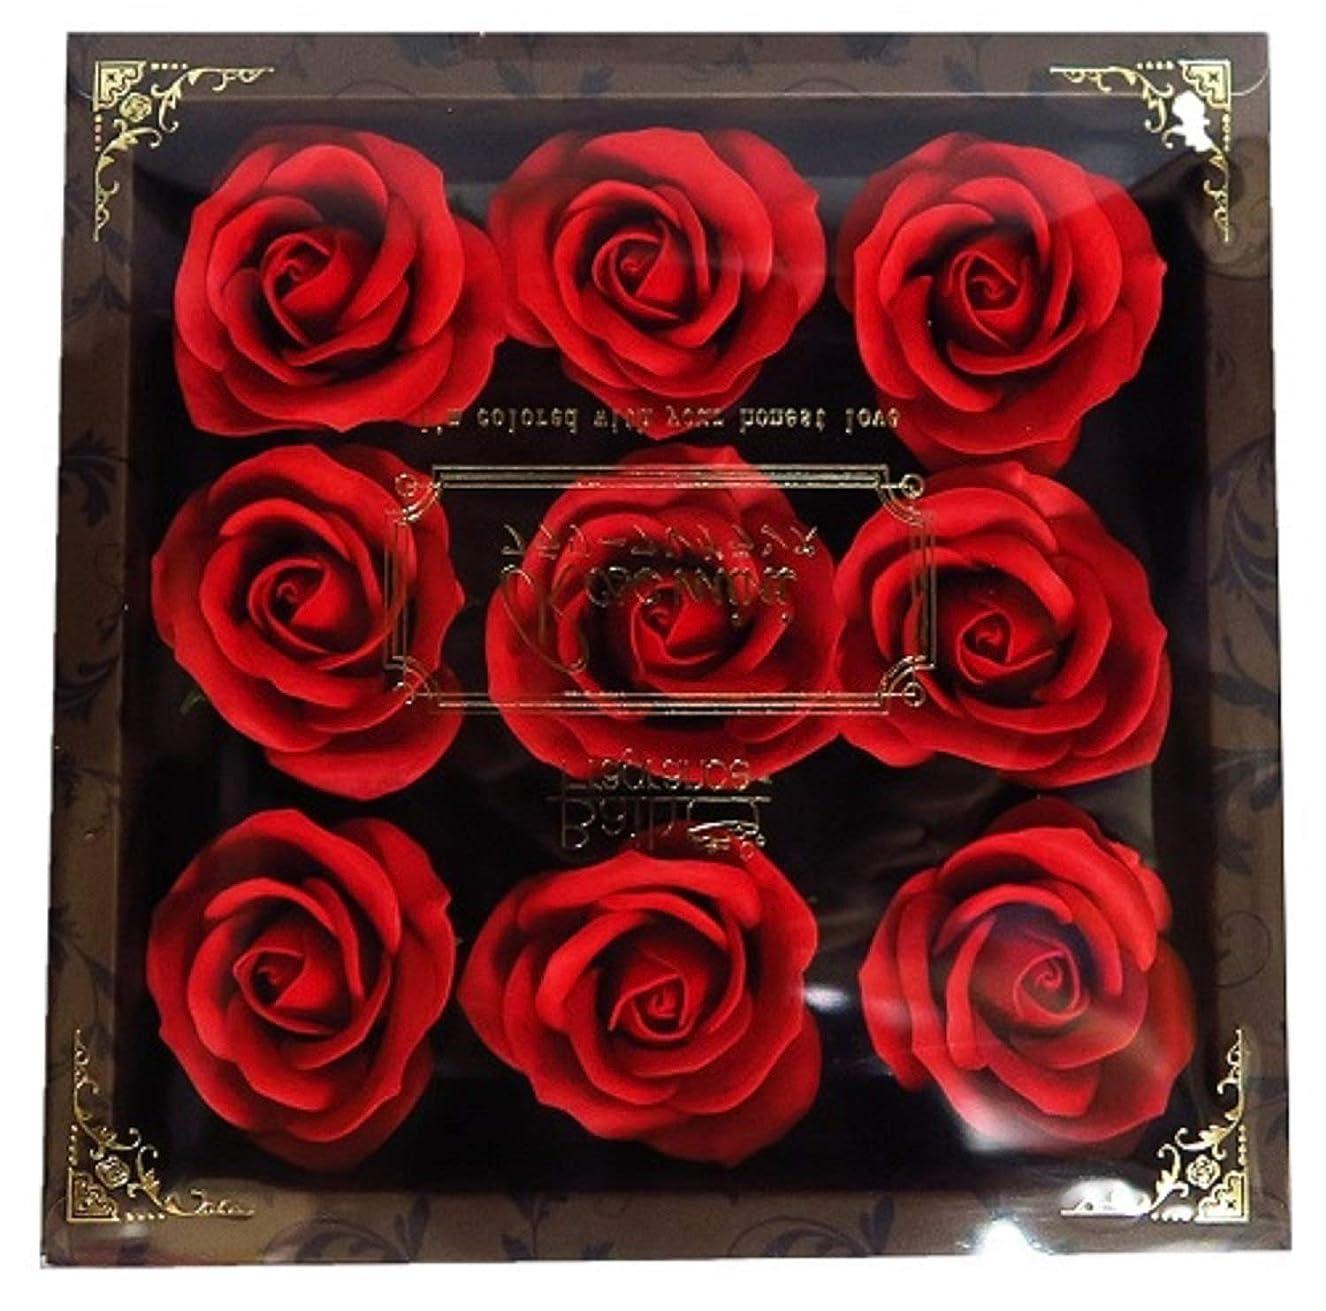 無効満了餌バスフレグランス フラワーフレグランス ミニローズフレグランス(L)レッド ギフト お花の形の入浴剤 プレゼント ばら